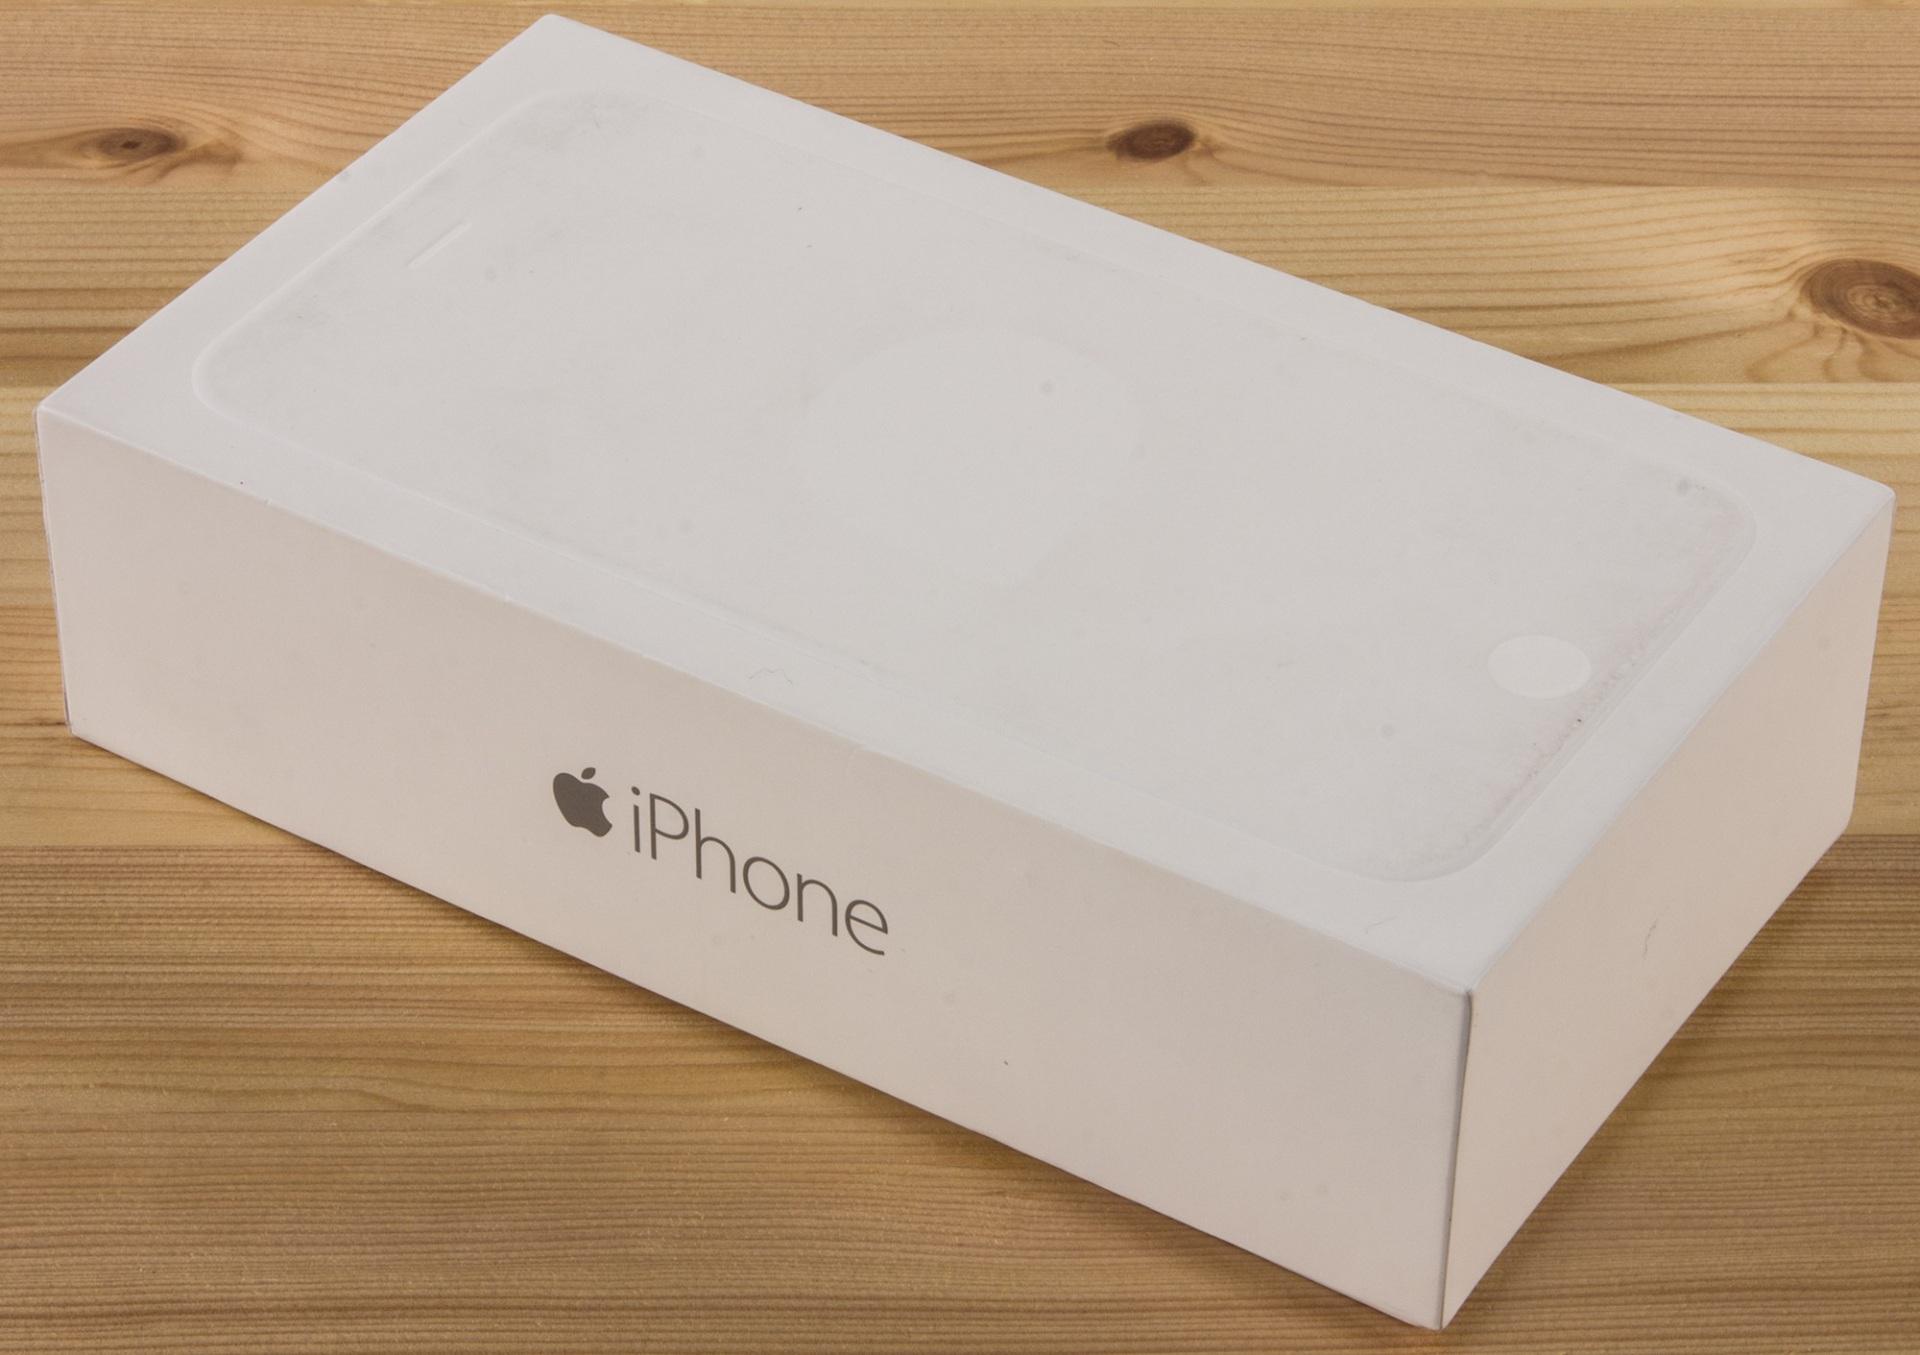 Вместо айфона последней модели мошенники прислали сыктывкарцу кусок ДСП